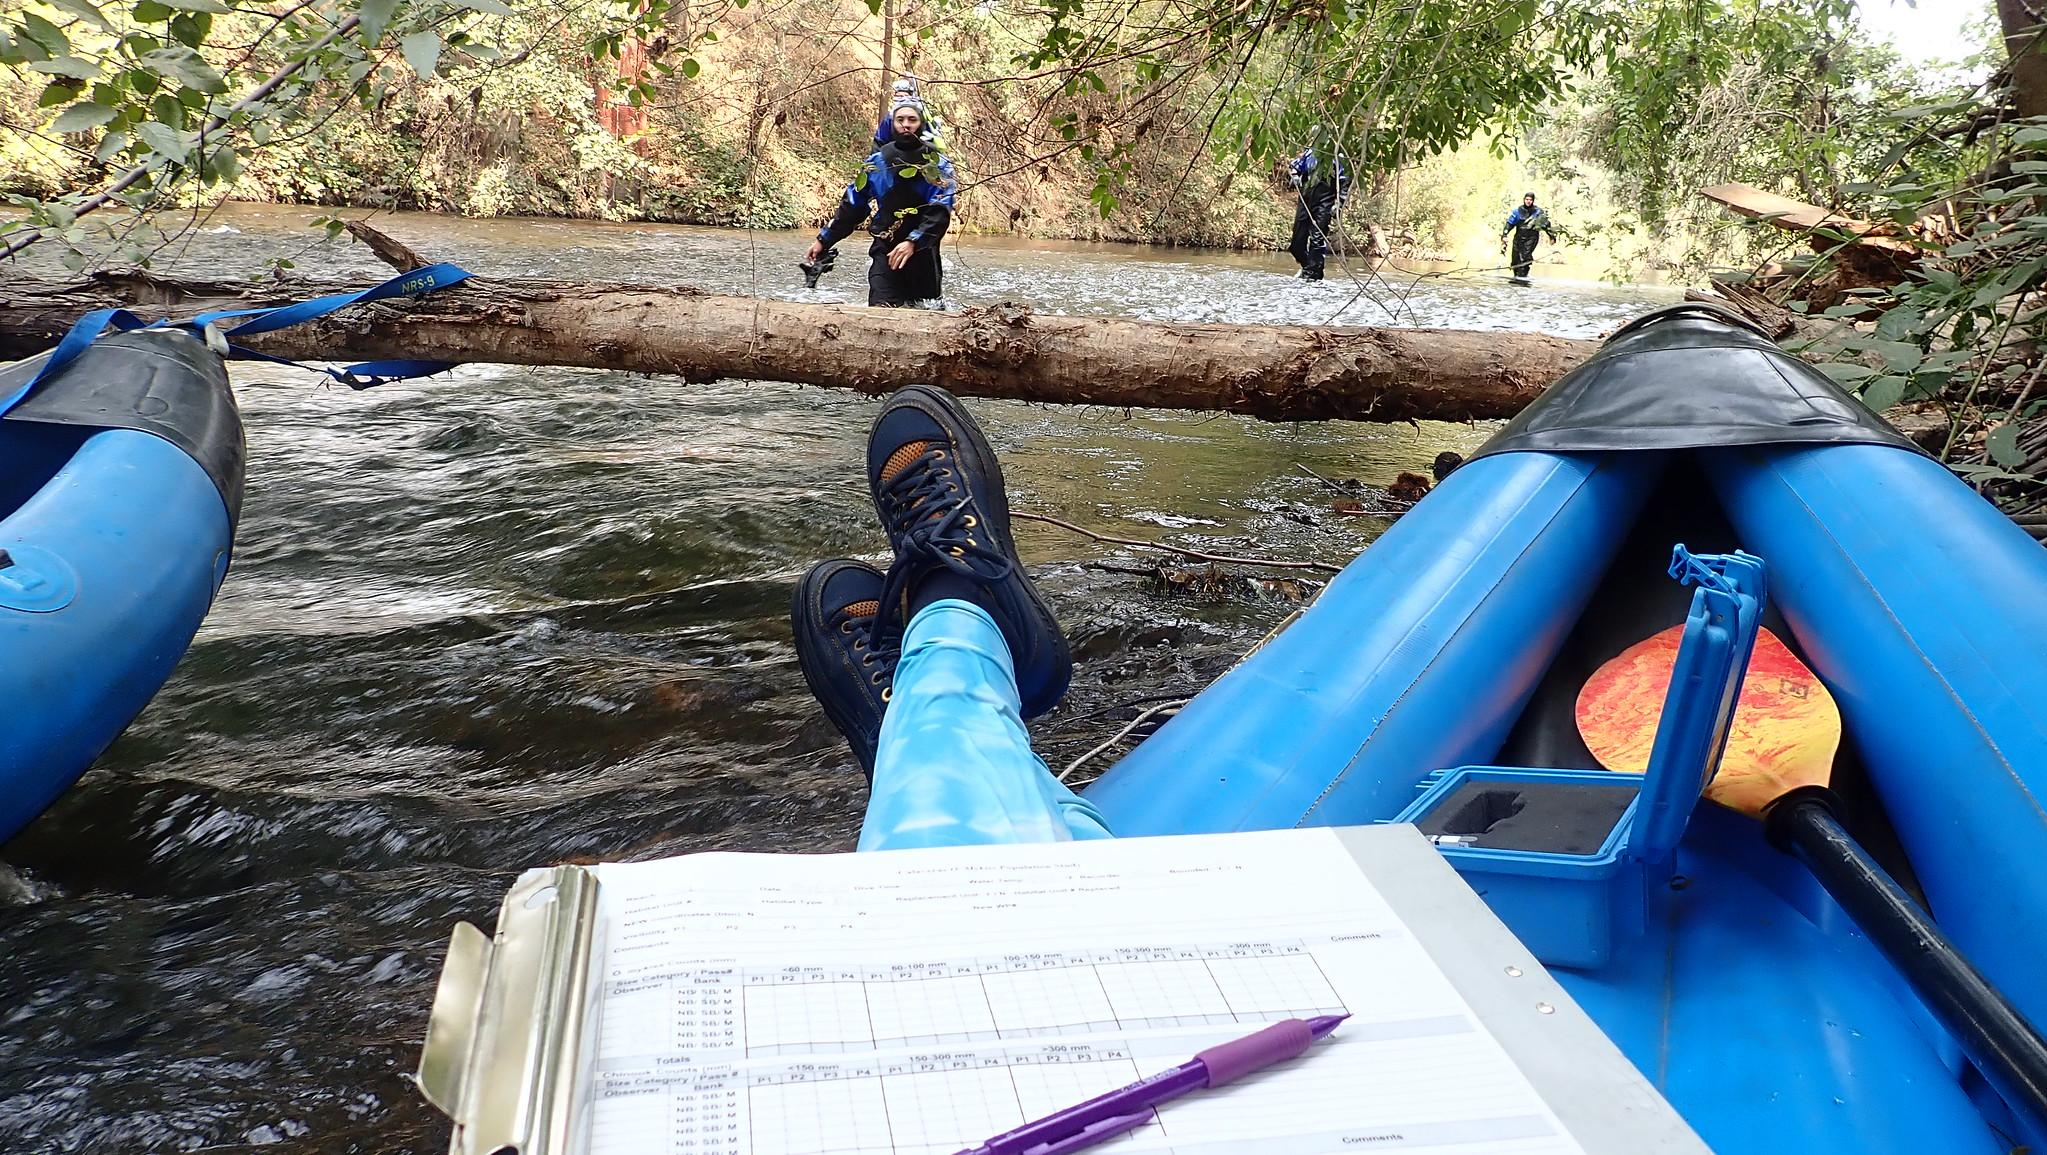 Taking snorkel data by kayak